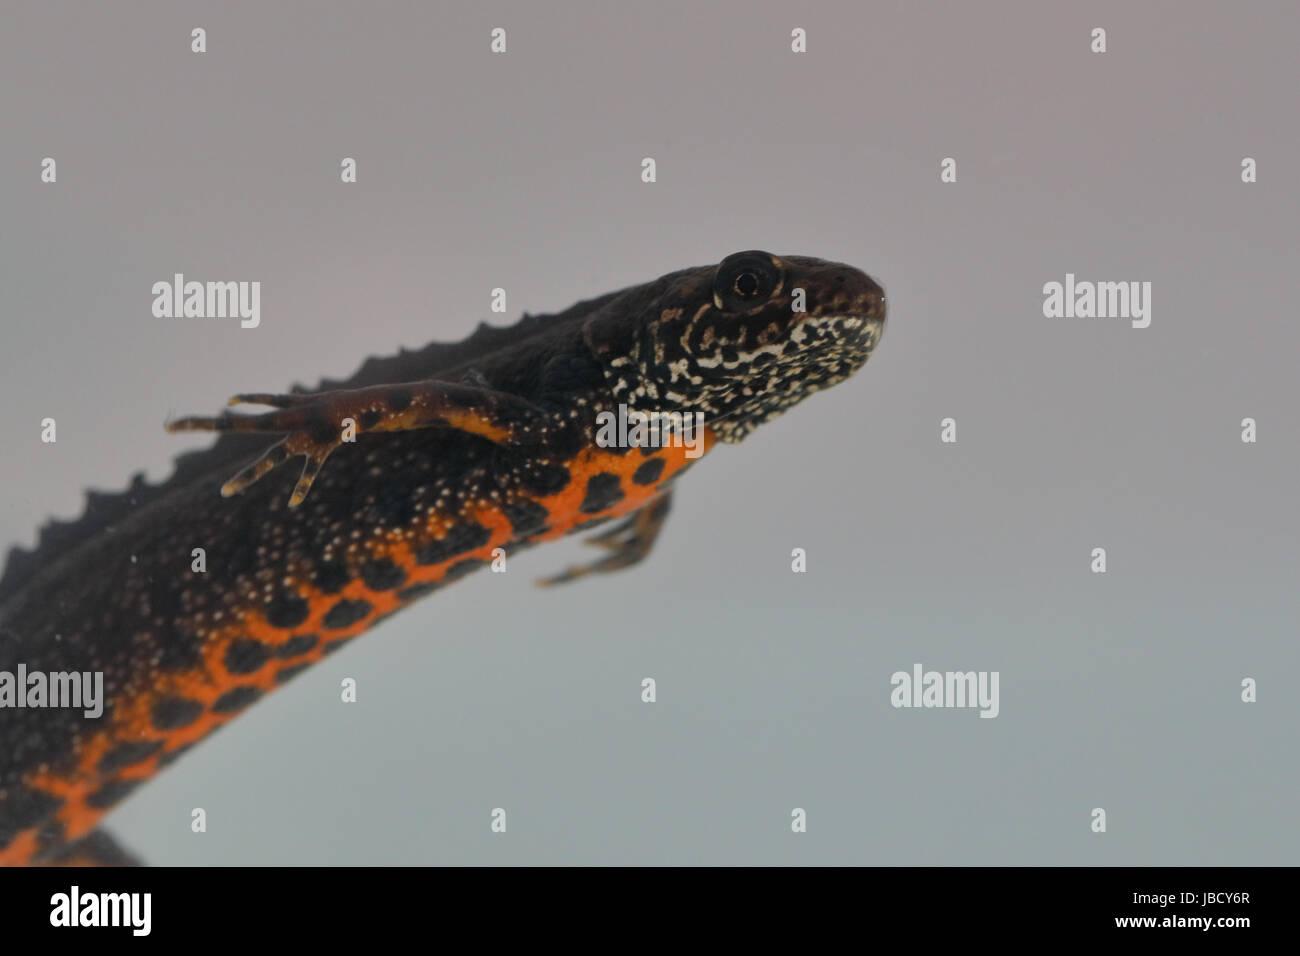 Danube crested newt (Triturus dobrogicus) - Stock Image